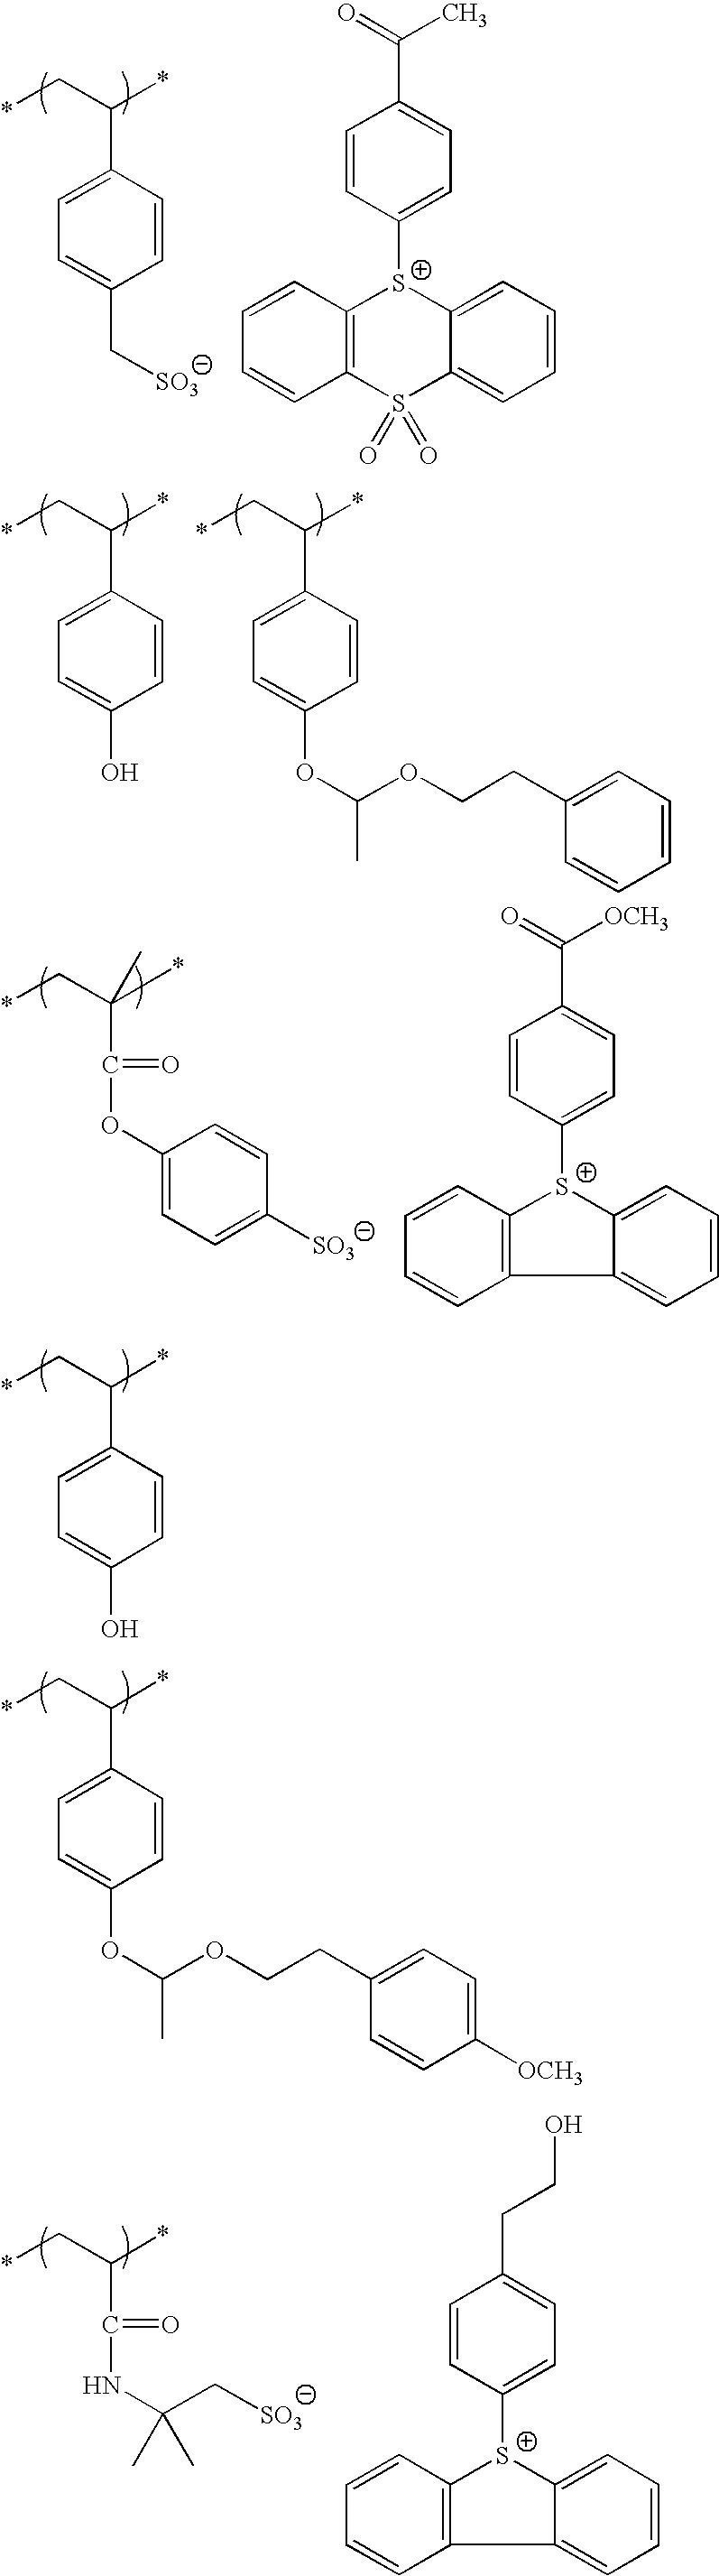 Figure US08852845-20141007-C00155